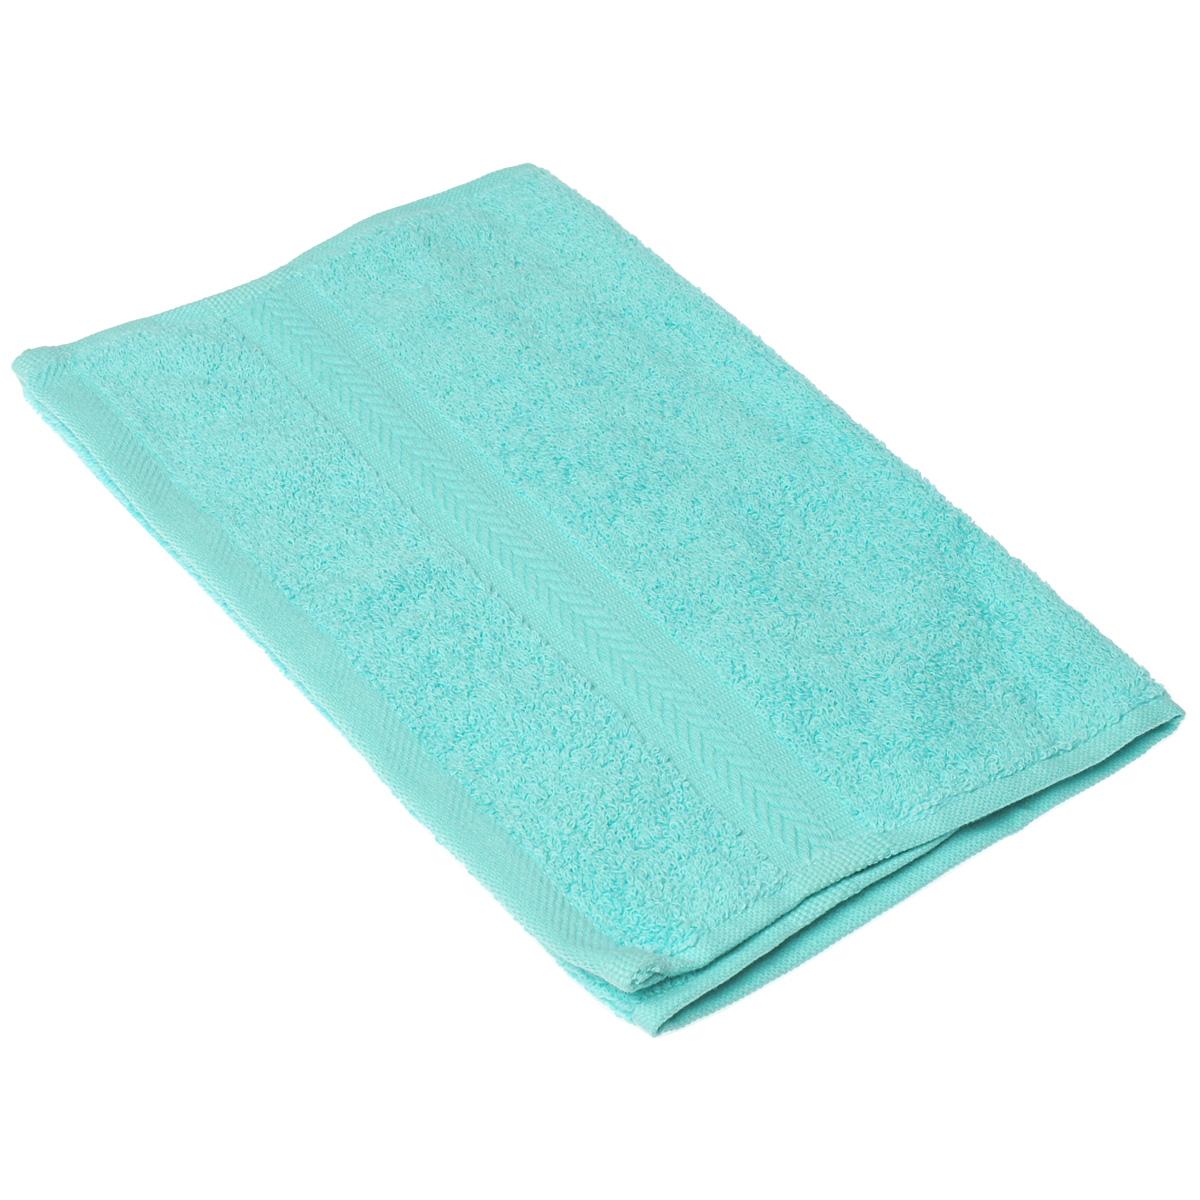 Полотенце махровое Coronet Классик, цвет: бирюзовый, 30 х 50 смБ-МП-1020-08-11Махровое полотенце Coronet Классик, изготовленное из натурального хлопка, подарит массу положительных эмоций и приятных ощущений. Полотенце отличается нежностью и мягкостью материала, утонченным дизайном и превосходным качеством. Оно прекрасно впитывает влагу, быстро сохнет и не теряет своих свойств после многократных стирок. Махровое полотенце Coronet Классик станет достойным выбором для вас и приятным подарком для ваших близких. Мягкость и высокое качество материала, из которого изготовлены полотенца, не оставит вас равнодушными.